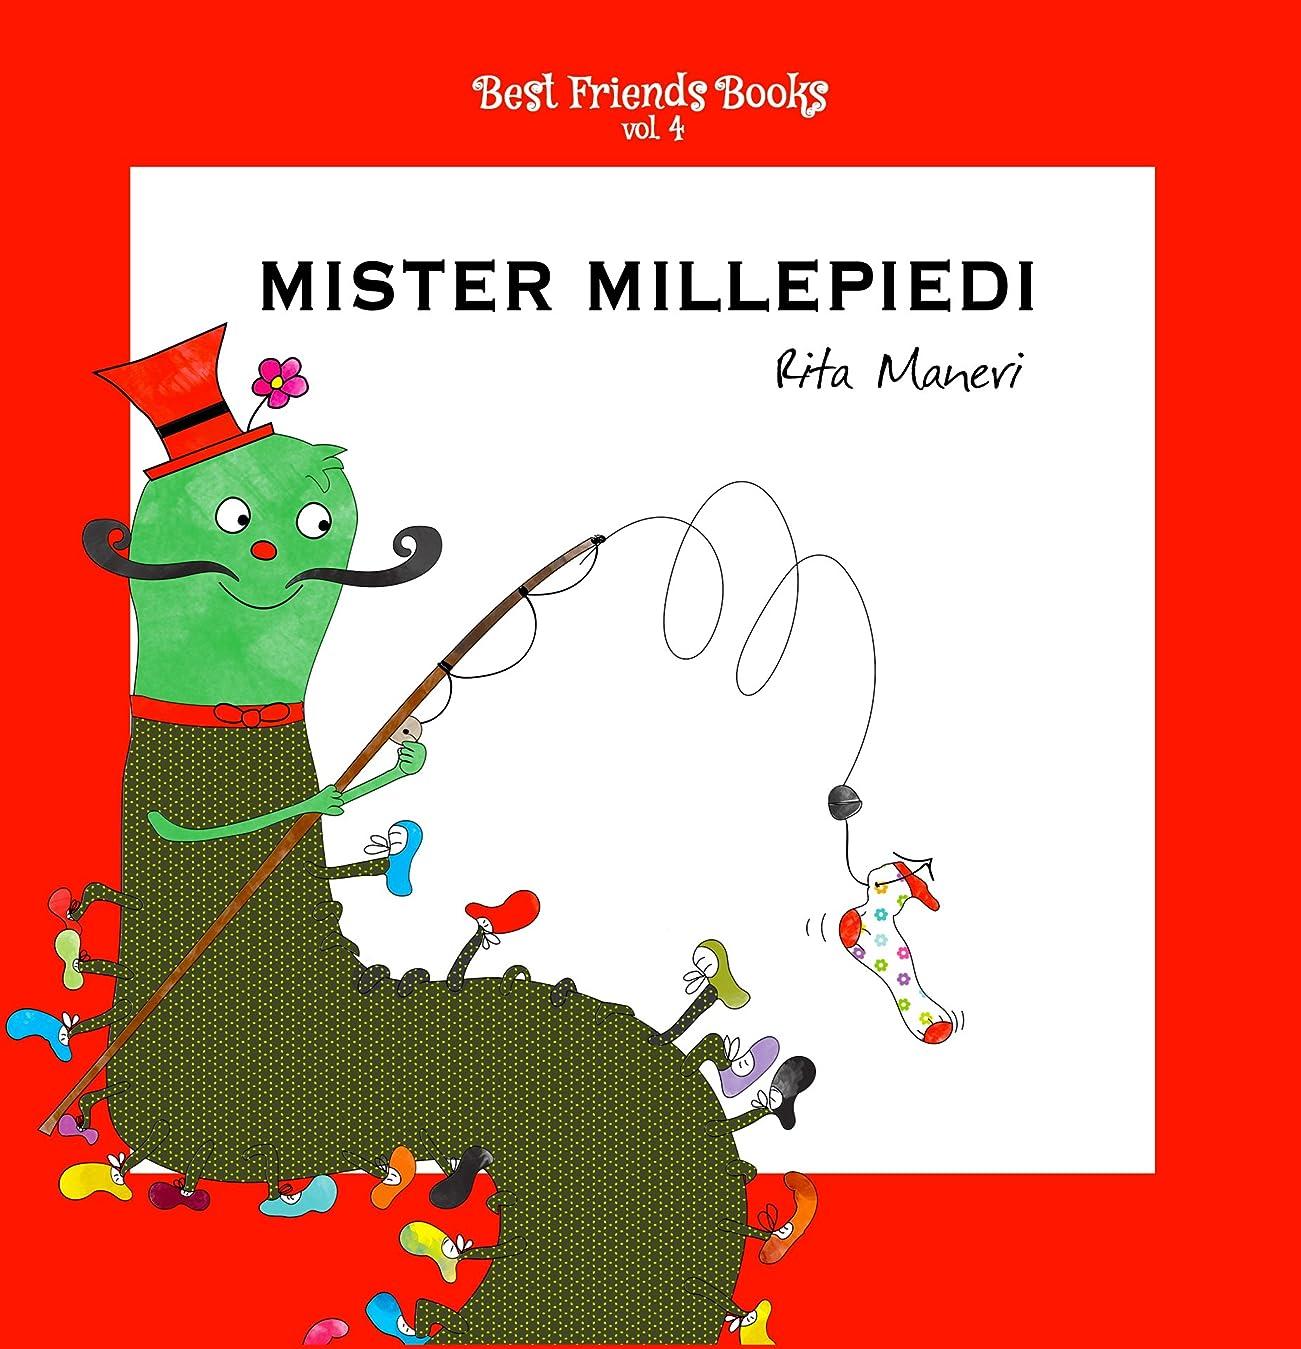 コンプライアンス牧師たらいMister Millepiedi: Libri illustrati per bambini in italiano (Best Friends Books Vol. 4) (Italian Edition)